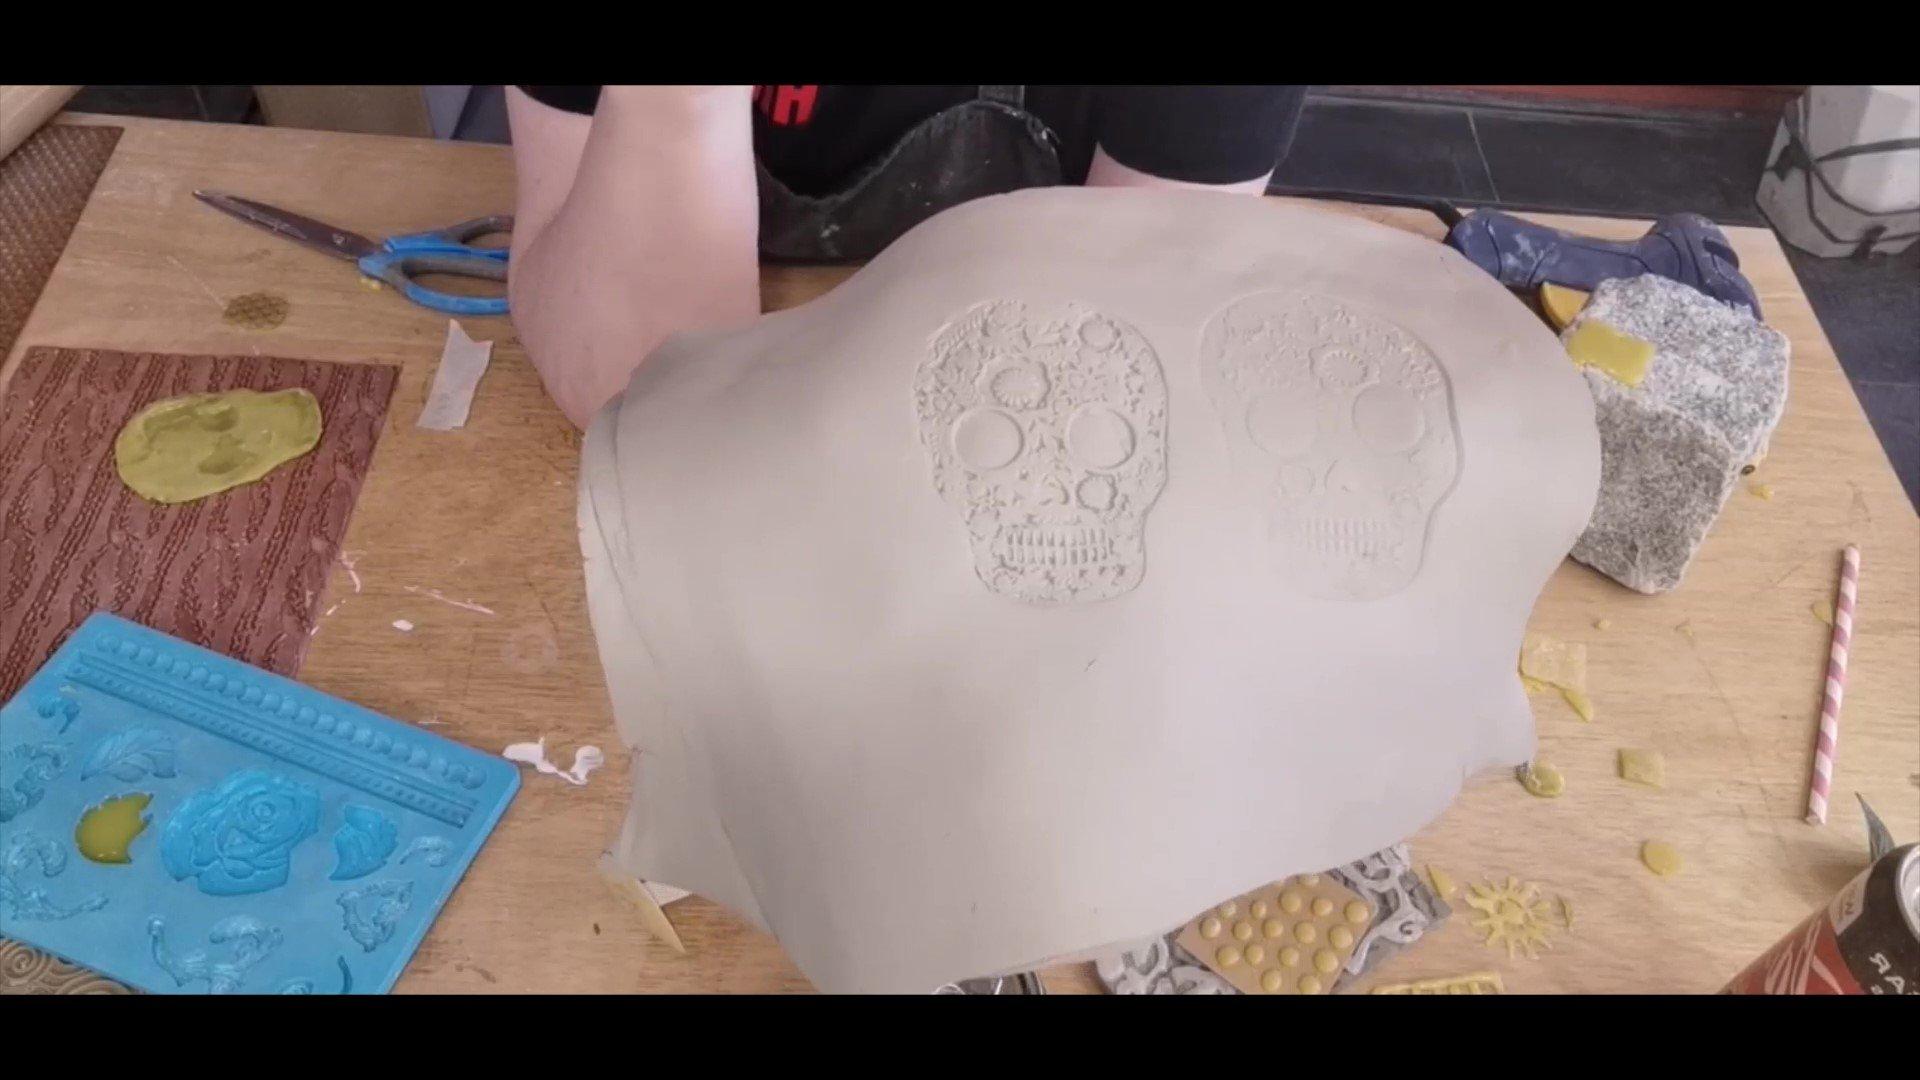 Decoraties op rauwe klei met een lijmpistool